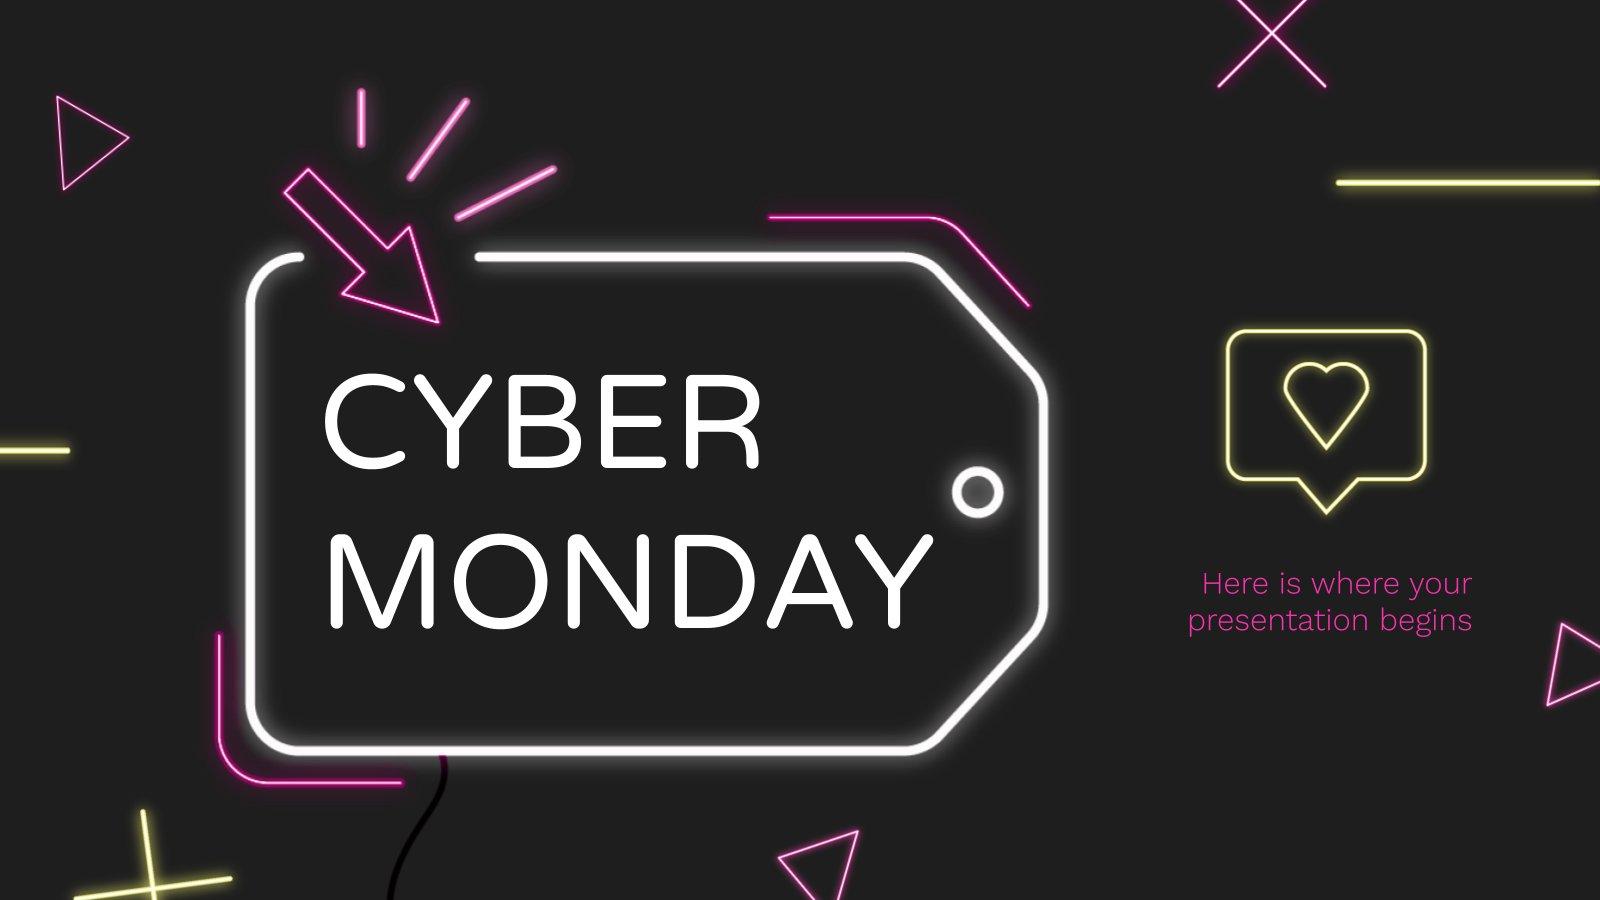 Plantilla de presentación Cyber Monday con efecto neón